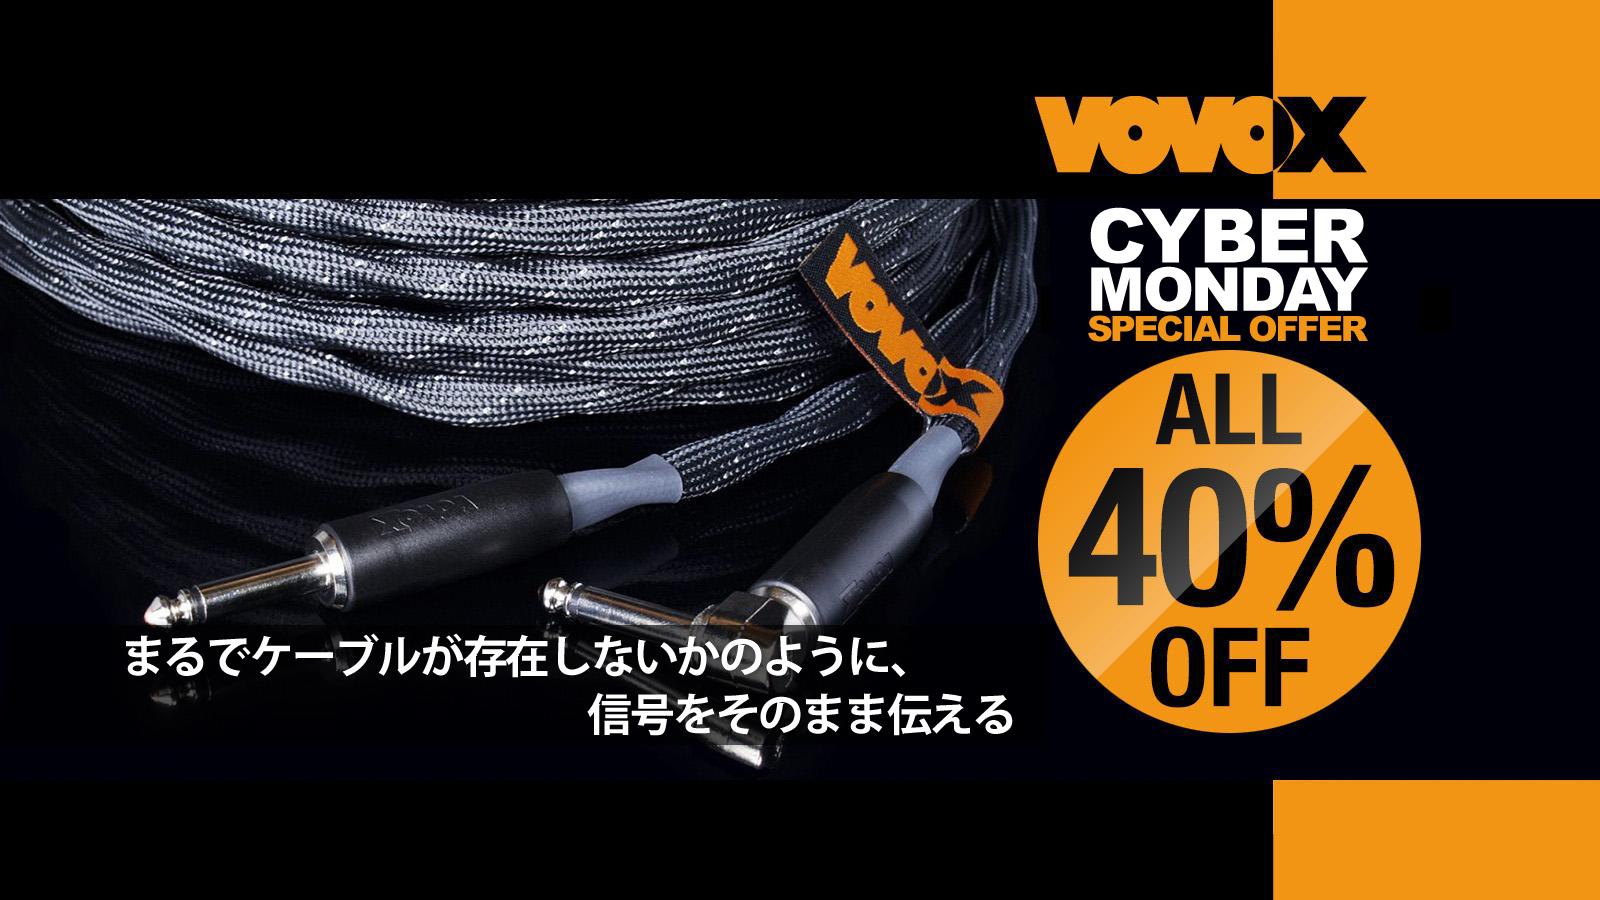 Vovoxケーブルが数量限定で一律40%オフ!Vovoxサイバーウィーク・プロモーション